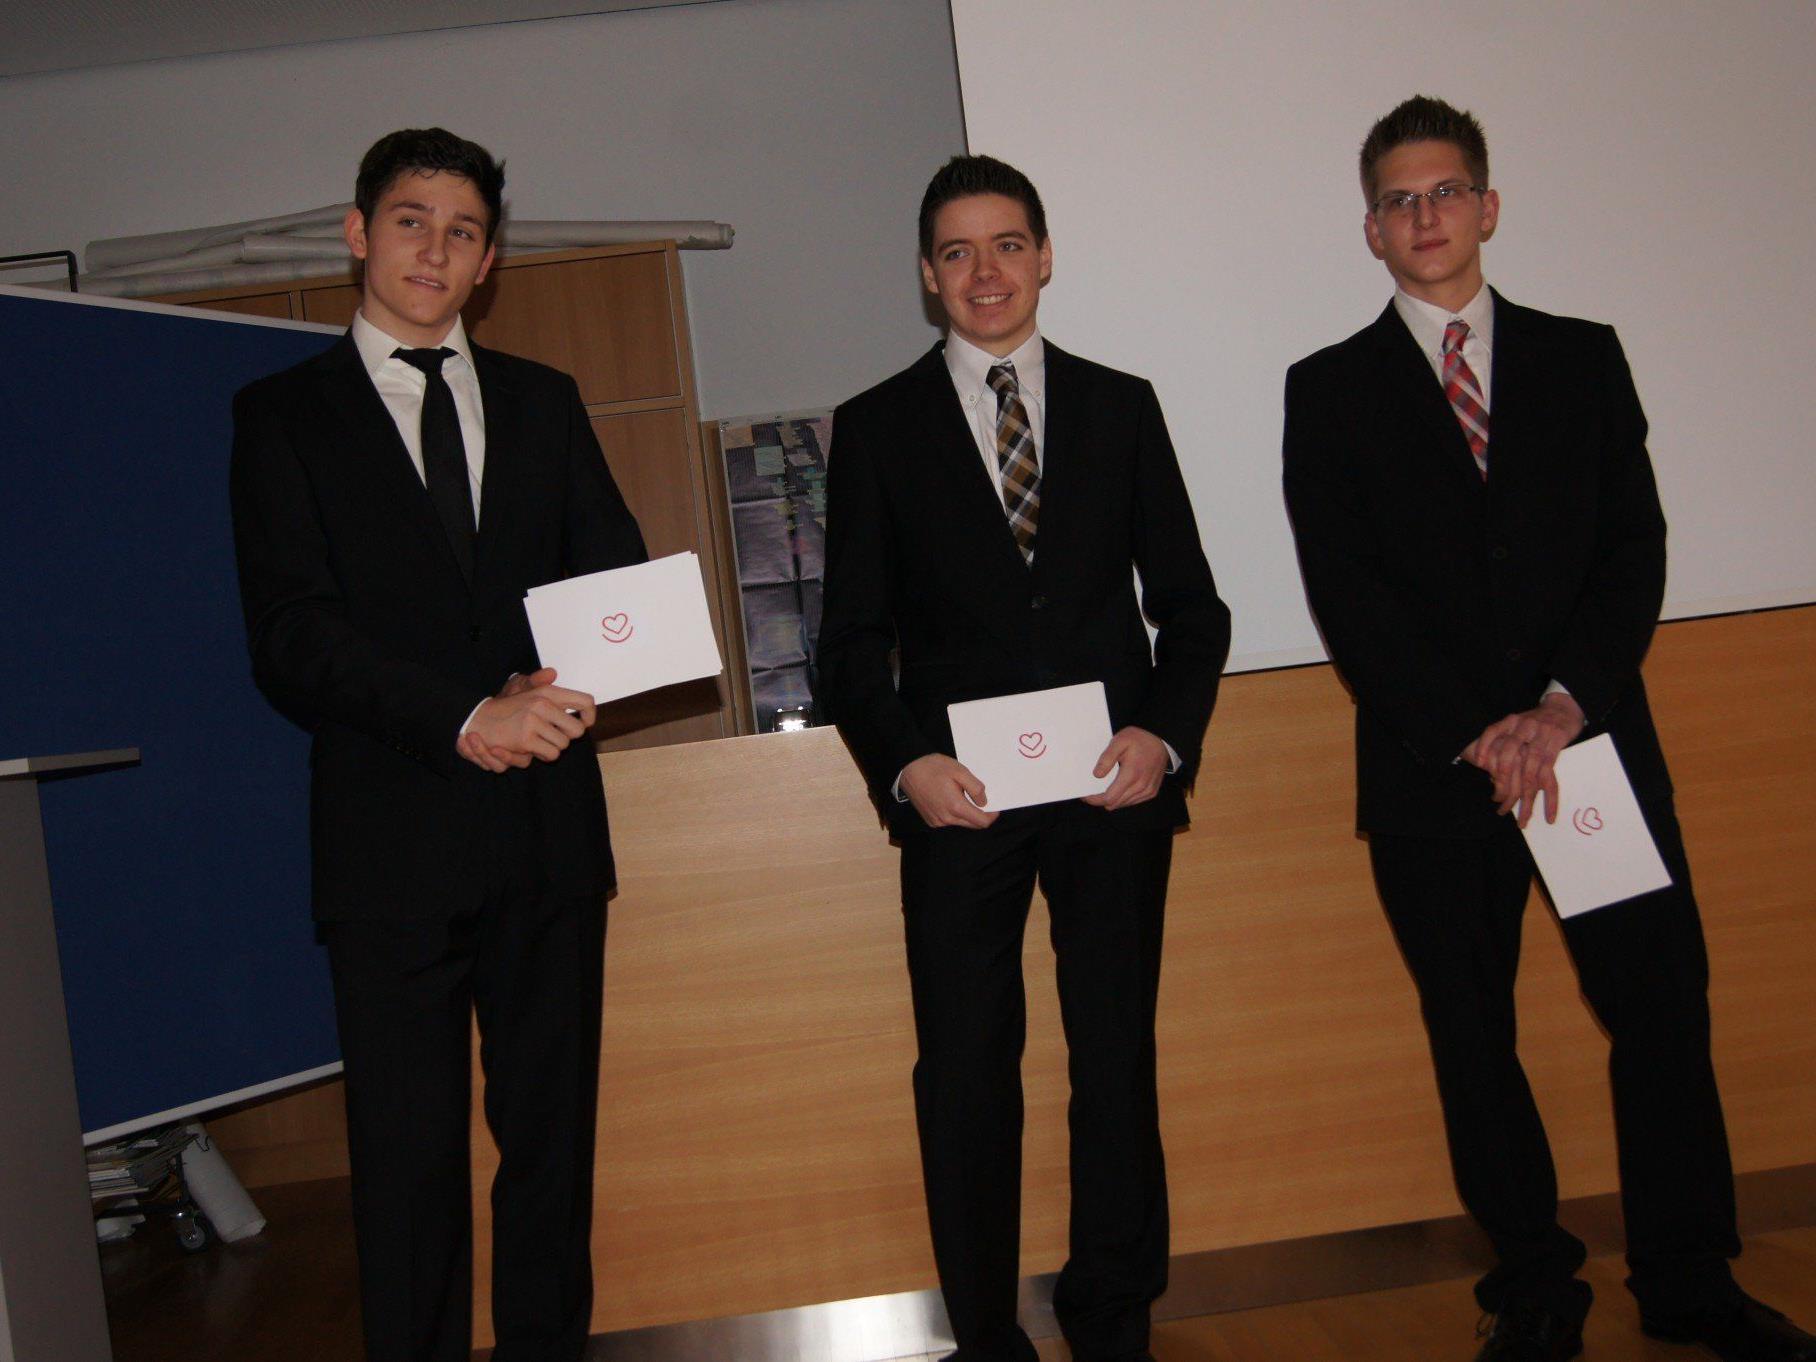 Pascal Pusnik, Sebastian Bösch und Tobias Vonach präsentierten ihre Projektarbeit.